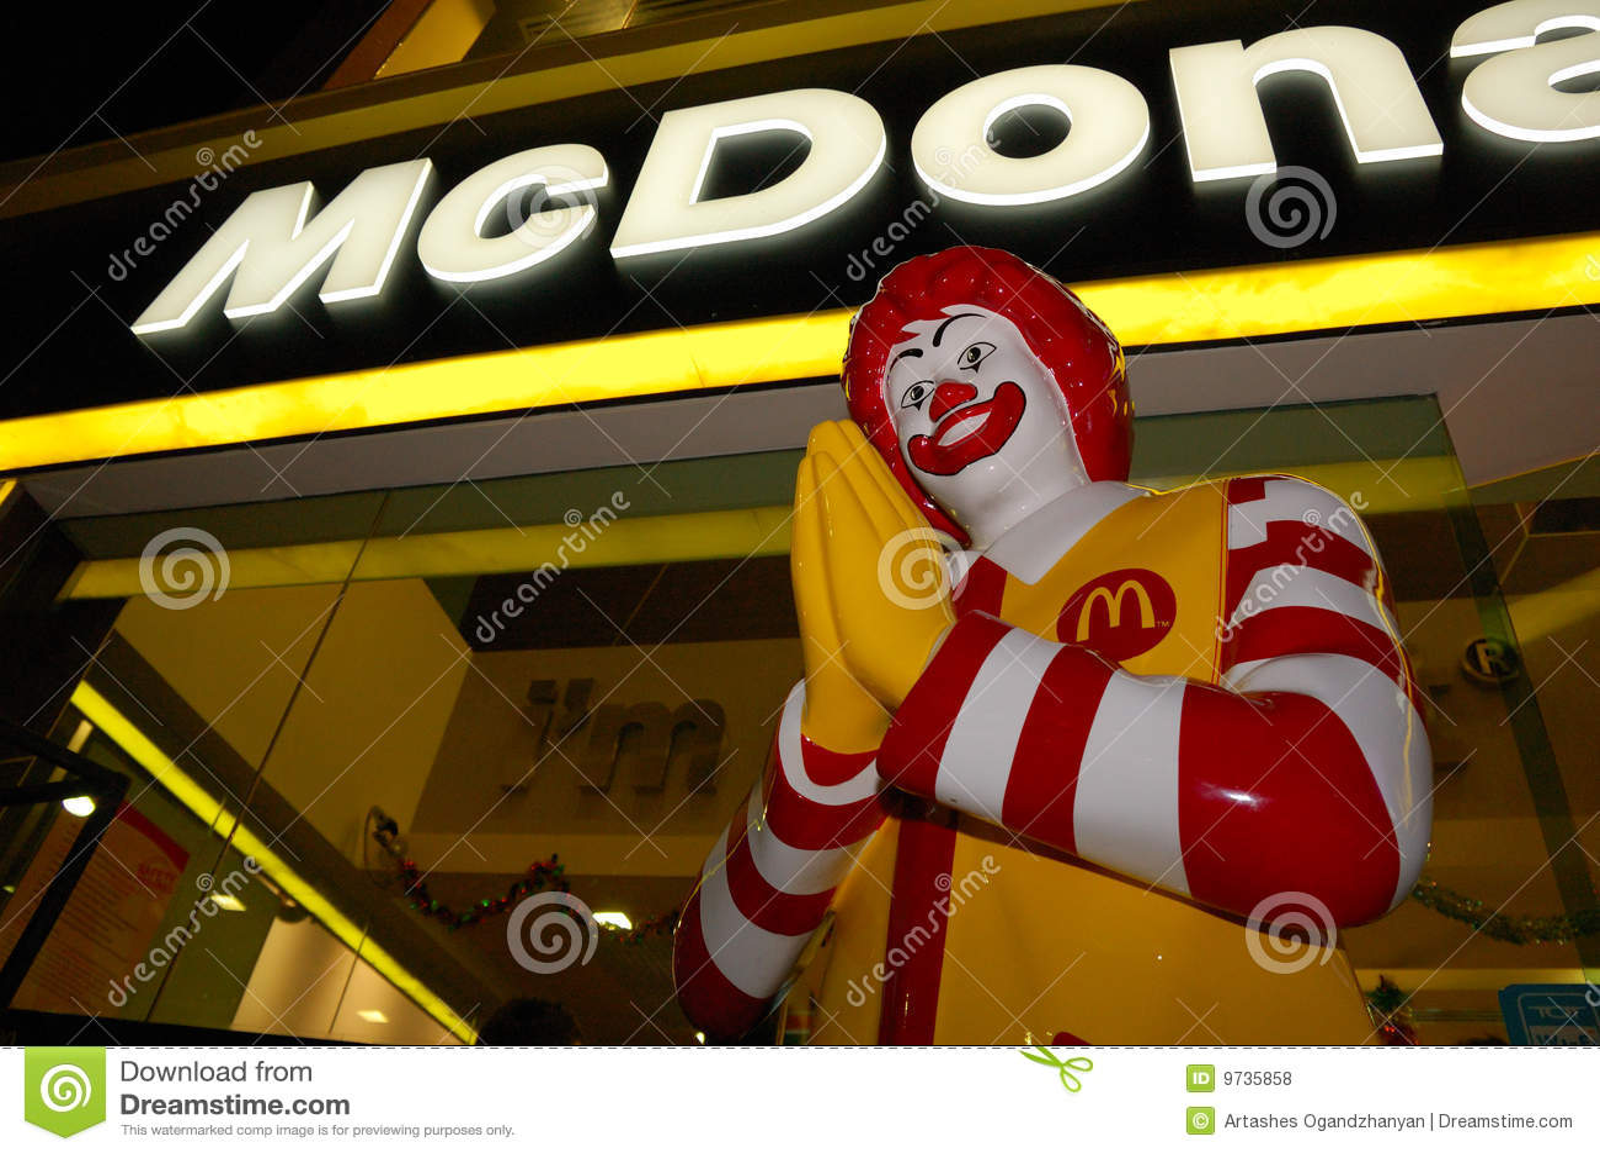 Thai mcdonald s